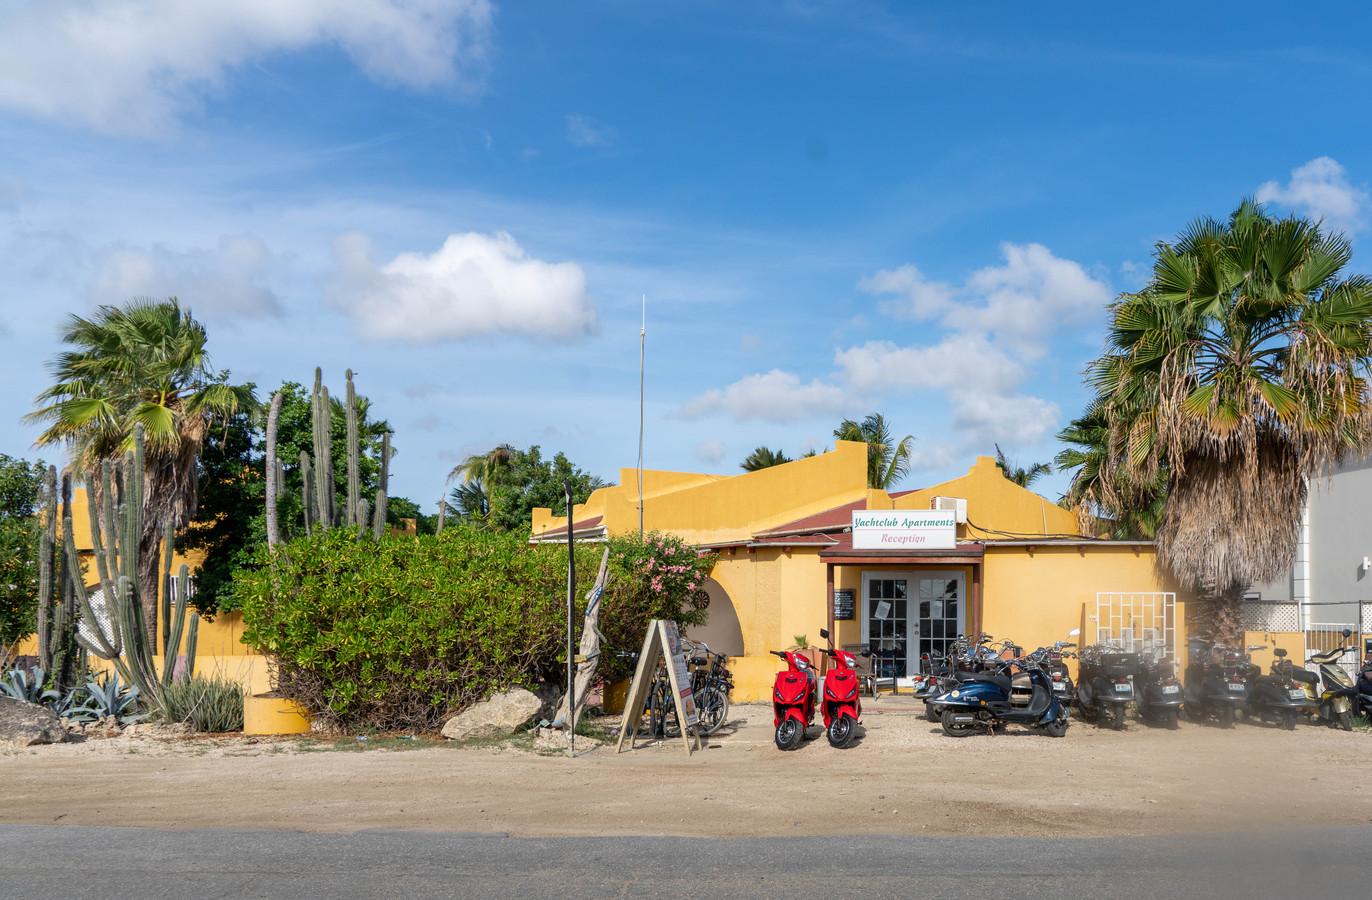 Kralendijk, Bonaire, de officiële woonplaats van ondernemer John den B. Op de foto een van de bedrijven, officieel eigendom van de partner van Den B.